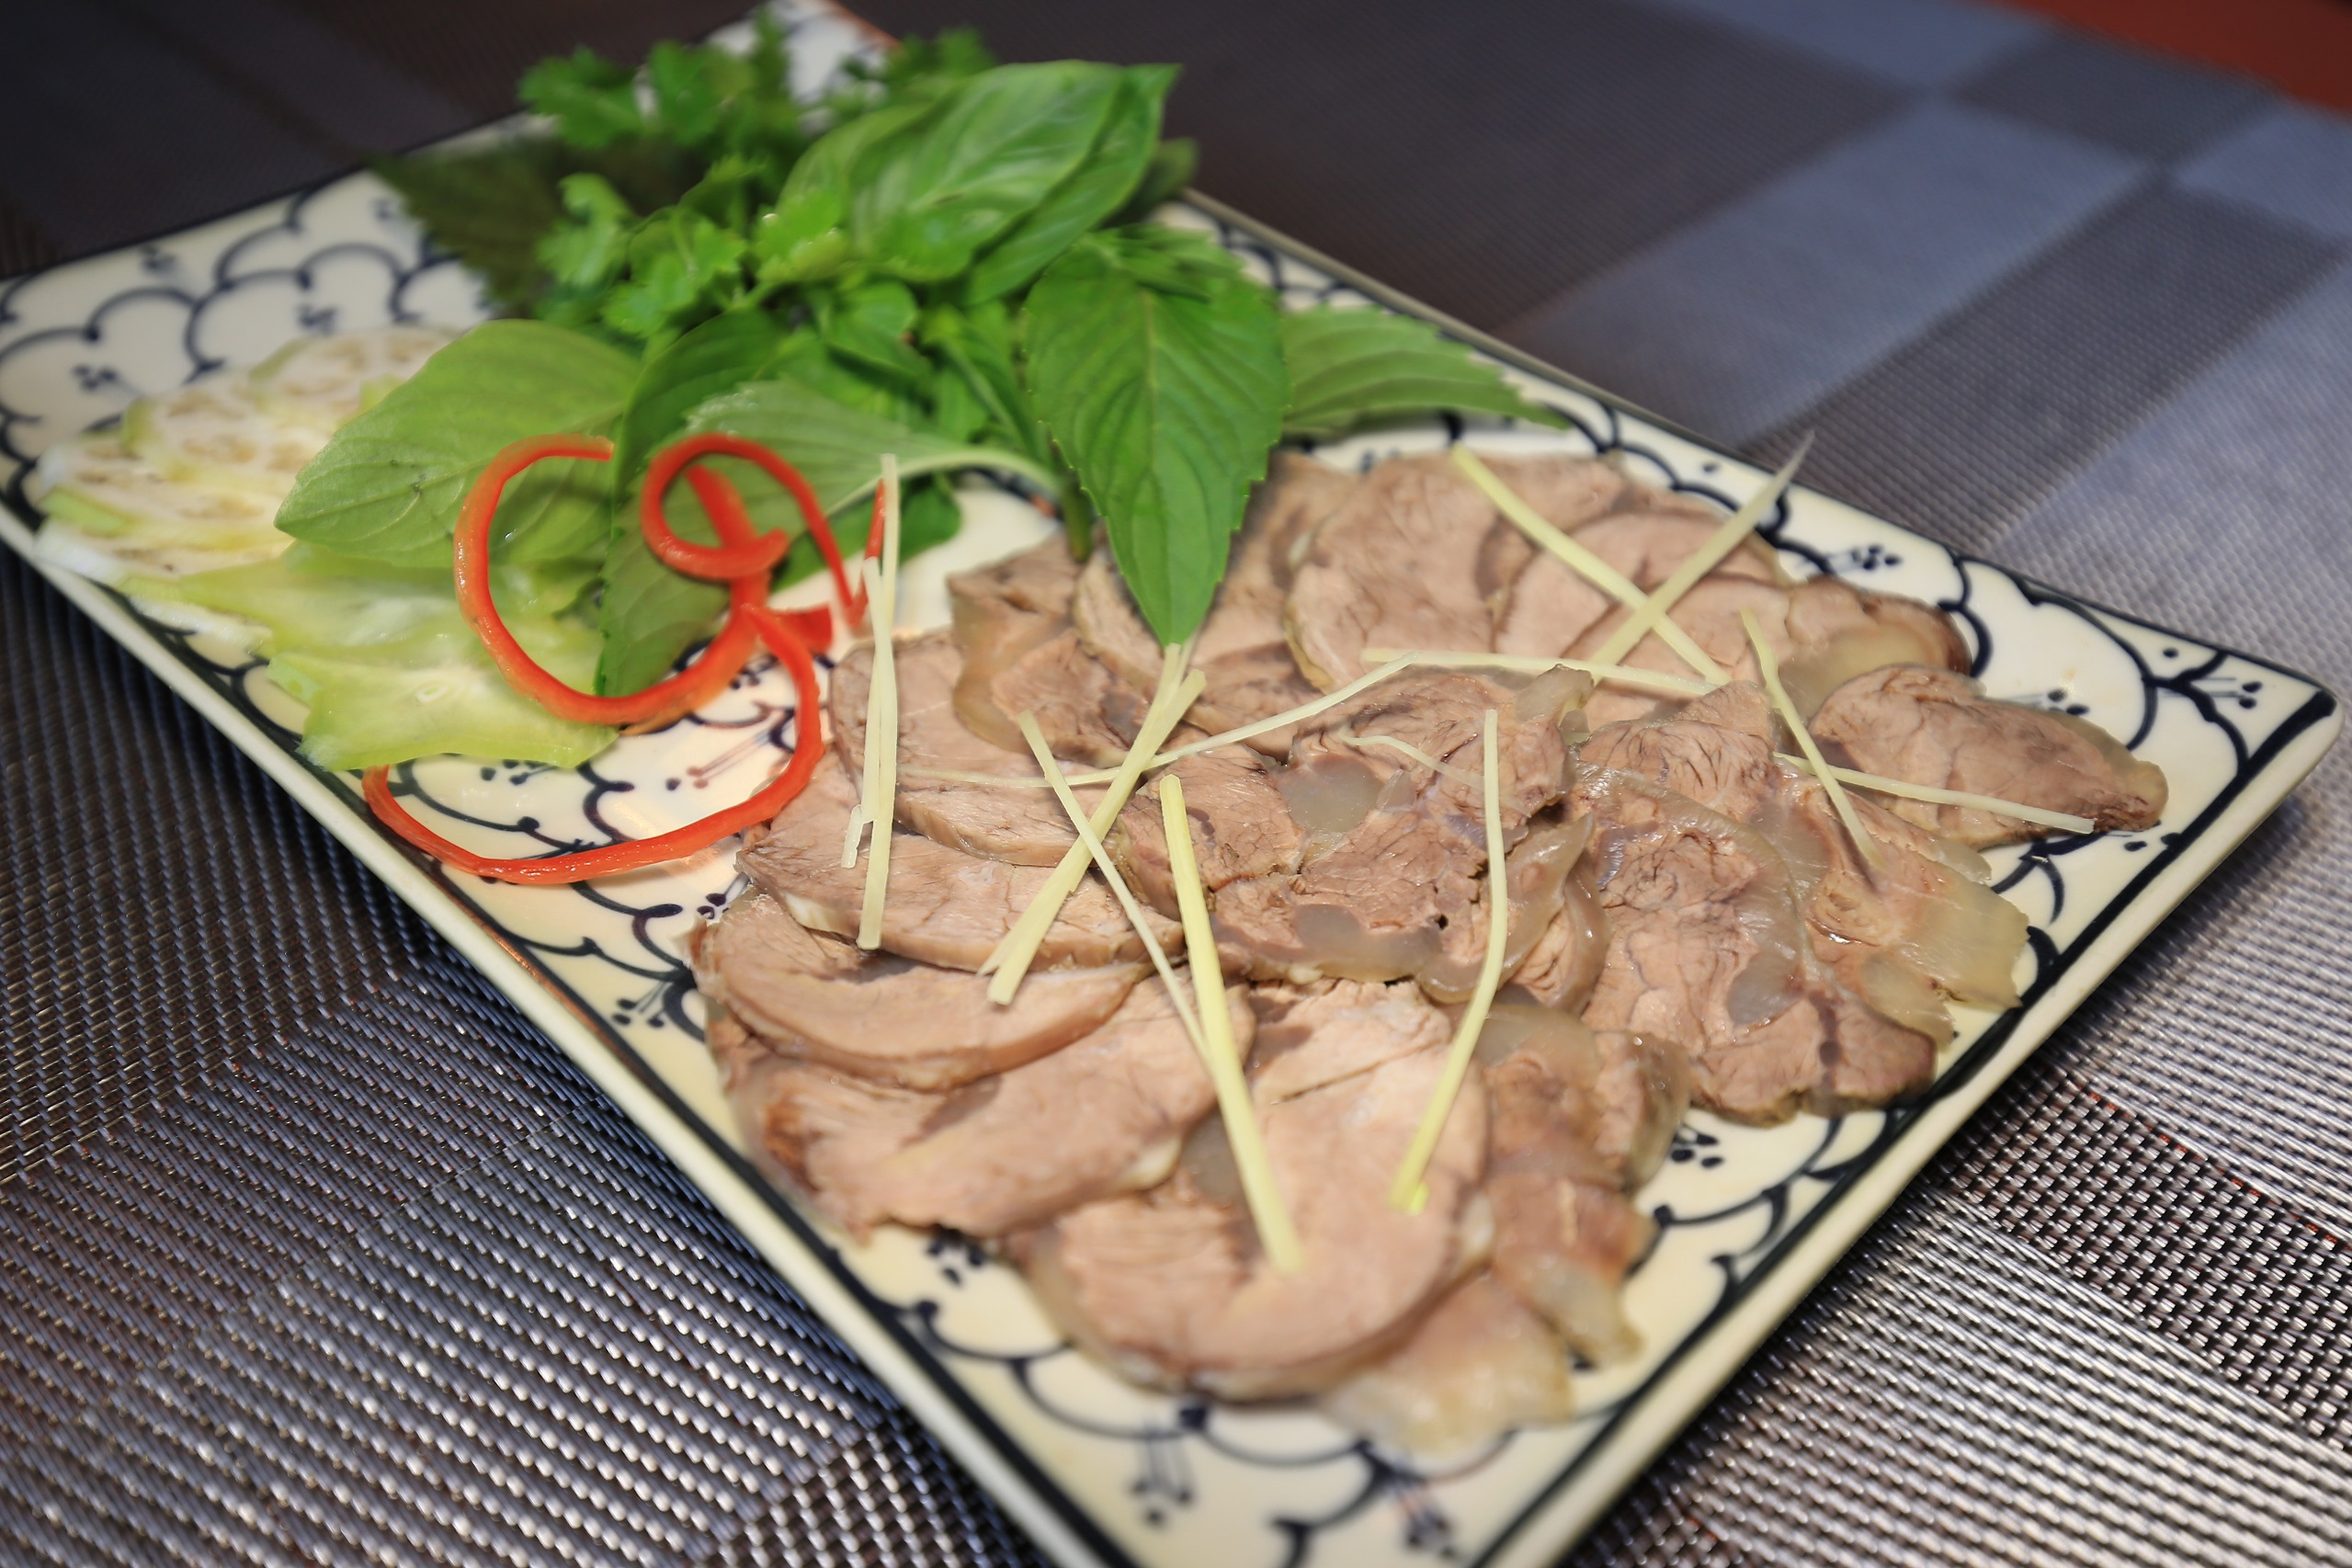 bắp bò luộc - các món ngon với bắp bò